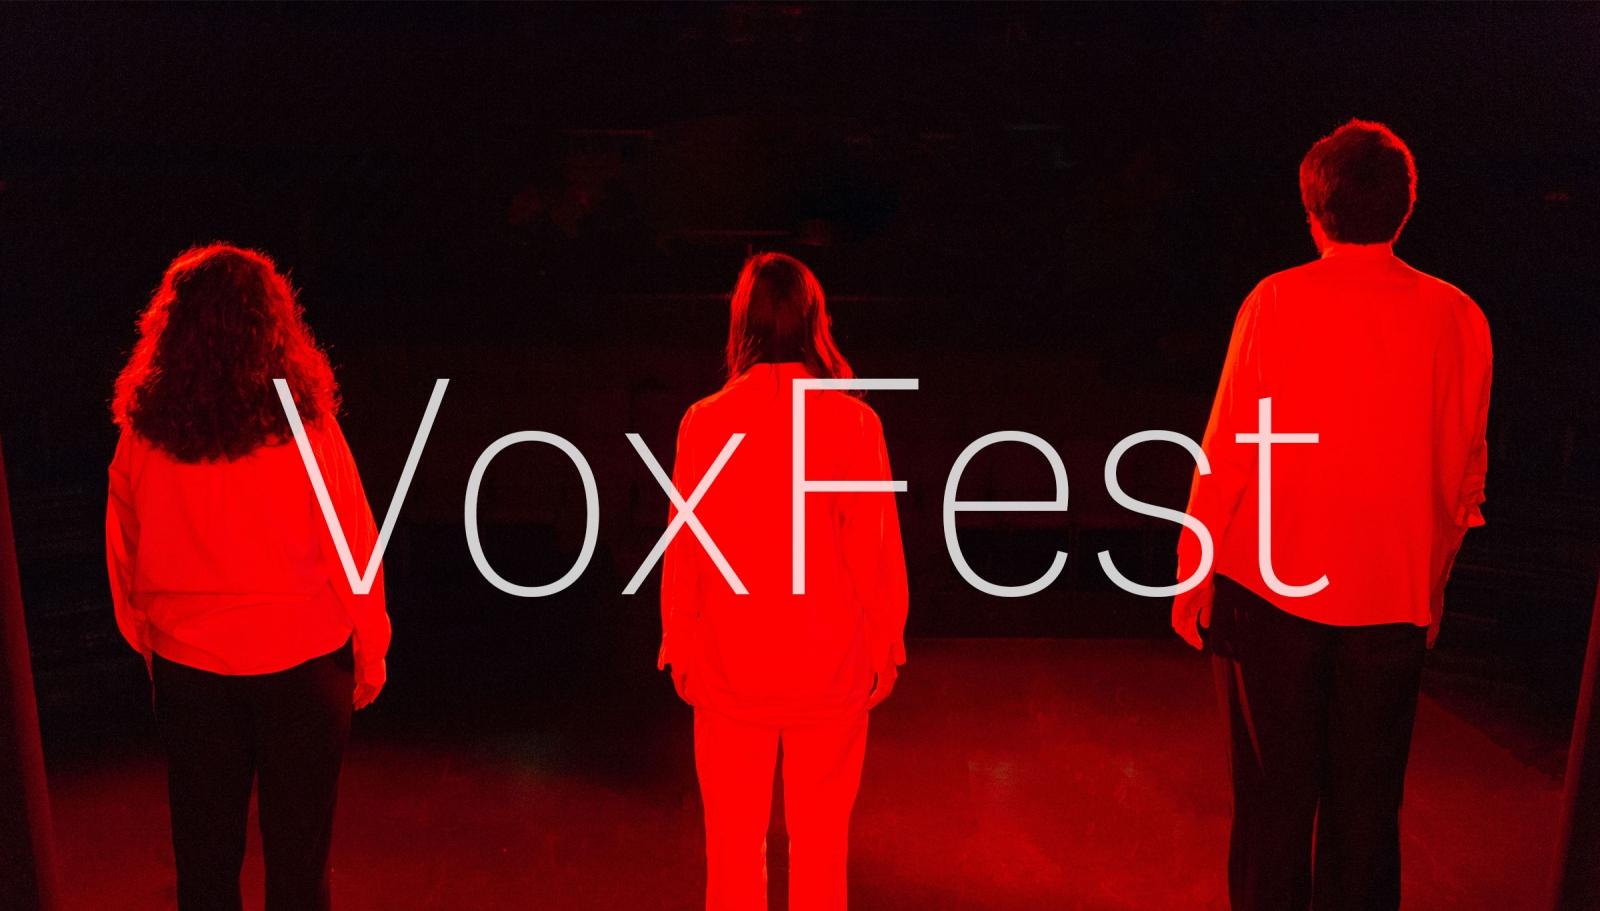 voxfest2019-hero.jpg